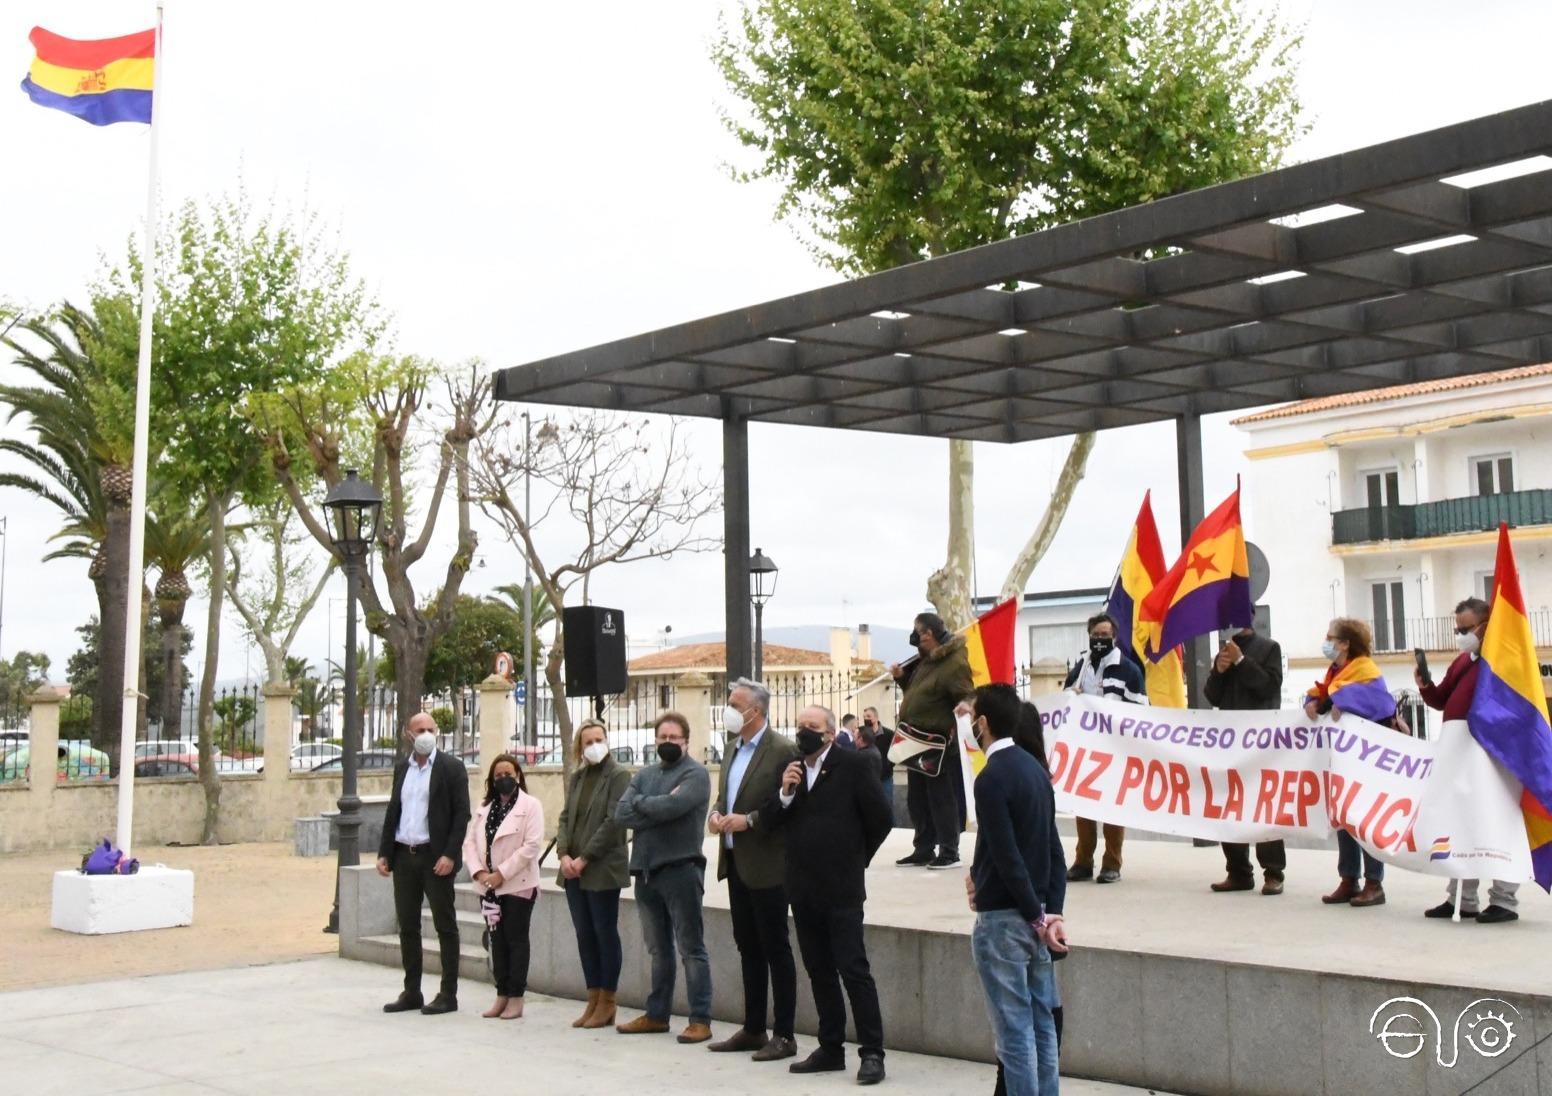 Representantes políticos y memorialísticos en la conmemoración de la República en San Roque.